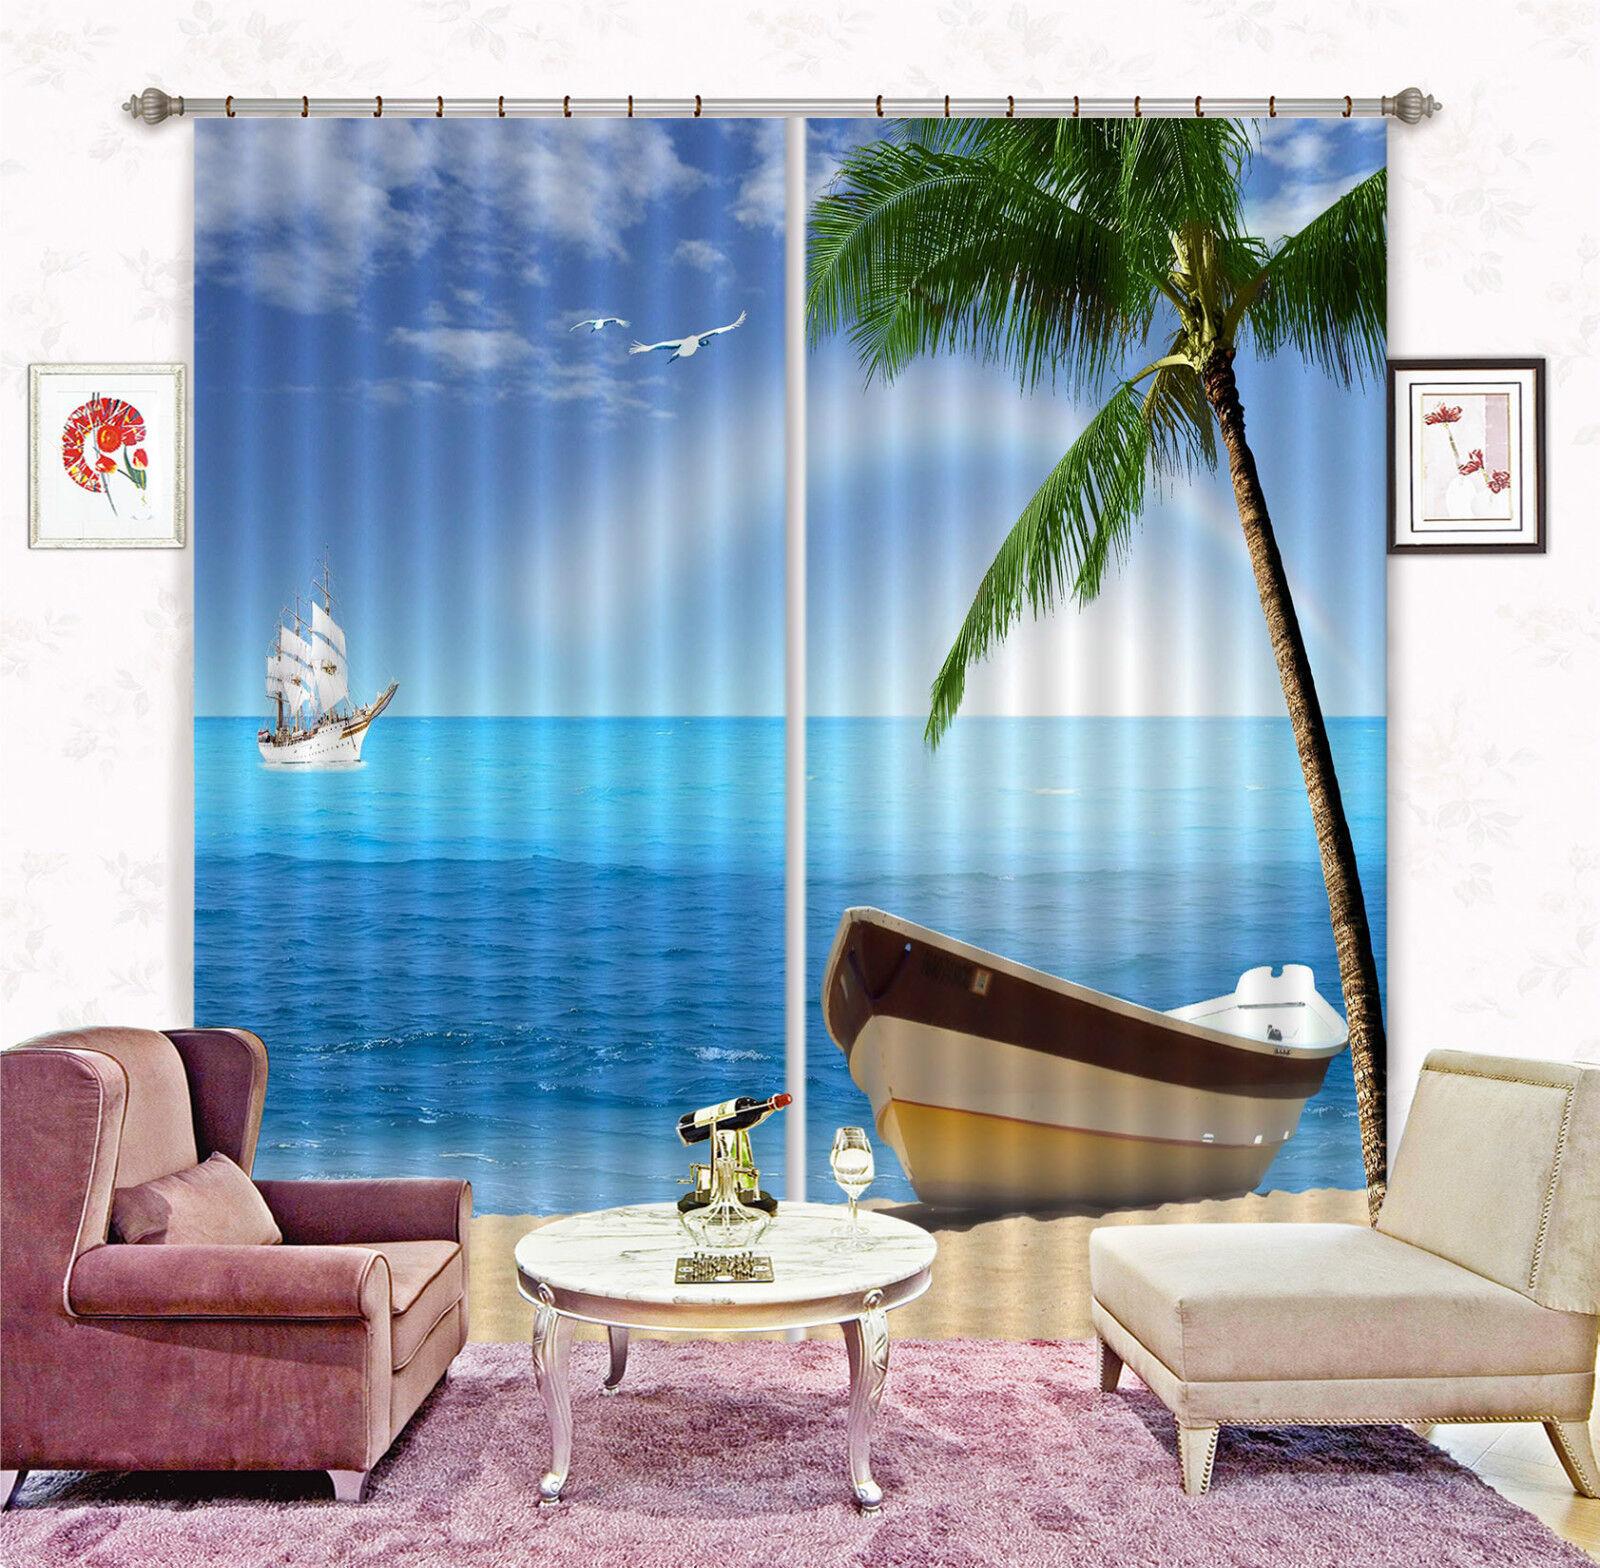 3d mare barca 6377 blocco foto sipario pressione sipario tende tessuto finestra de